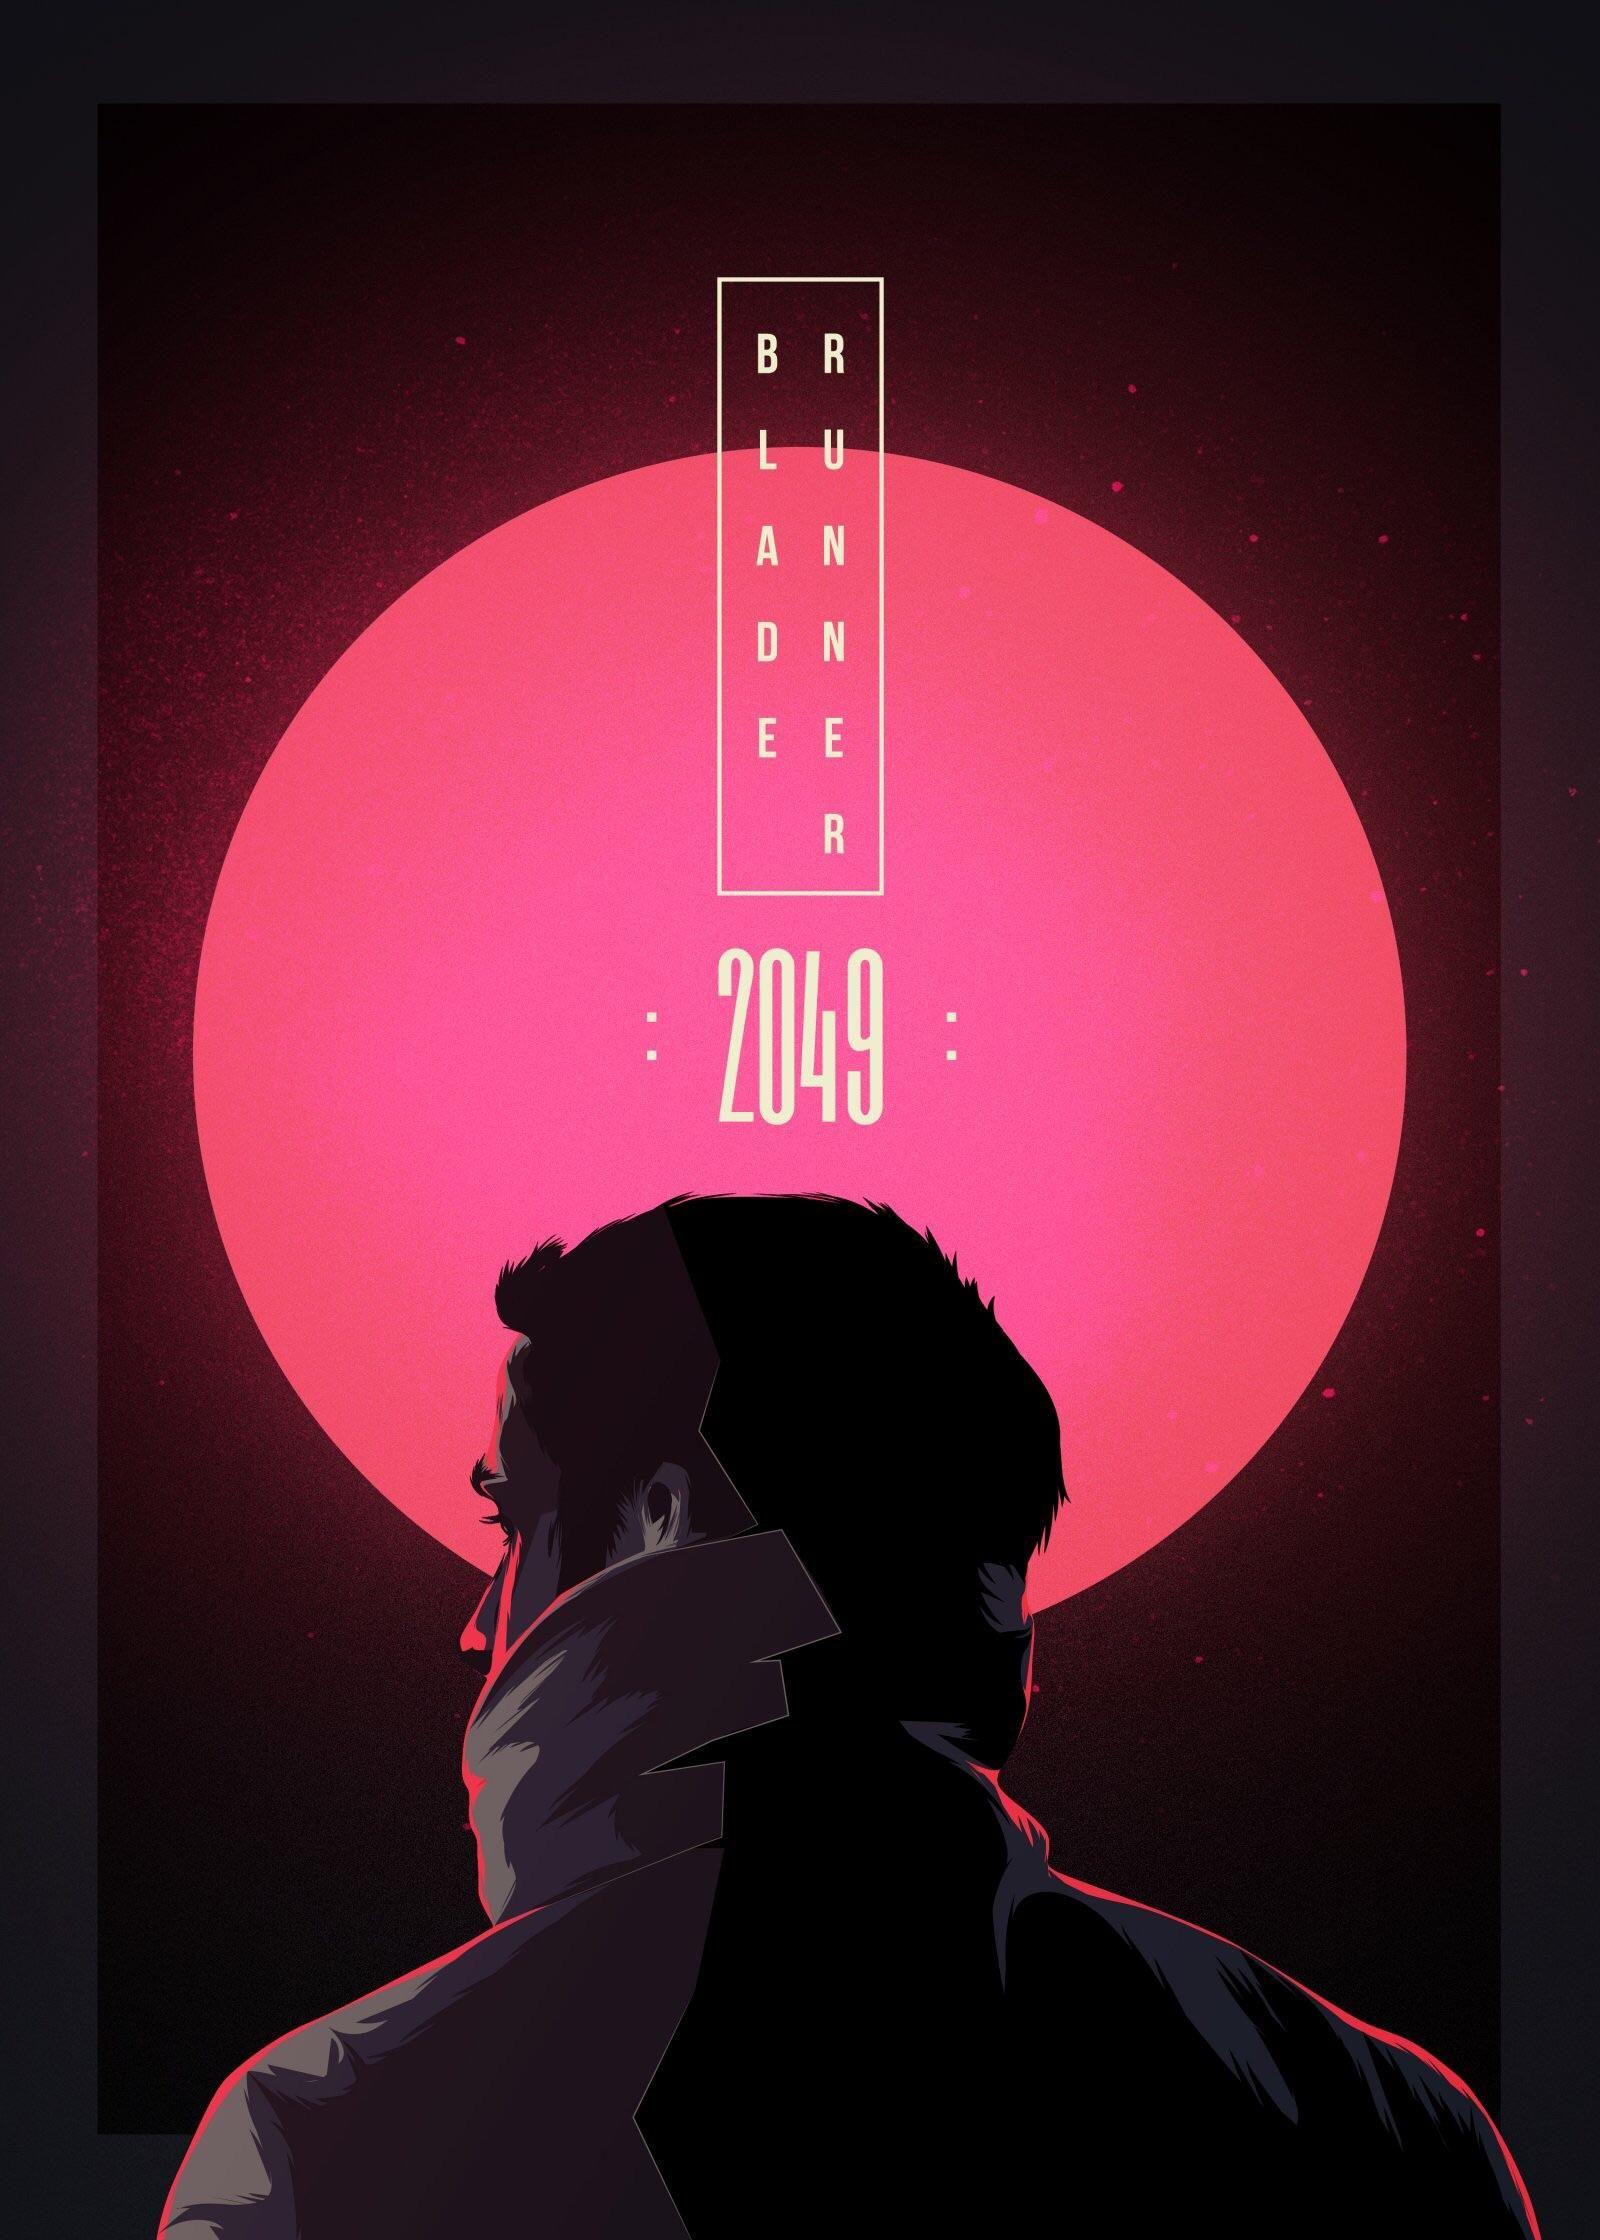 Res 2560x1440 Officer K Blade Runner 2049 Blade Runner Wallpaper Blade Runner 2049 Blade Runner